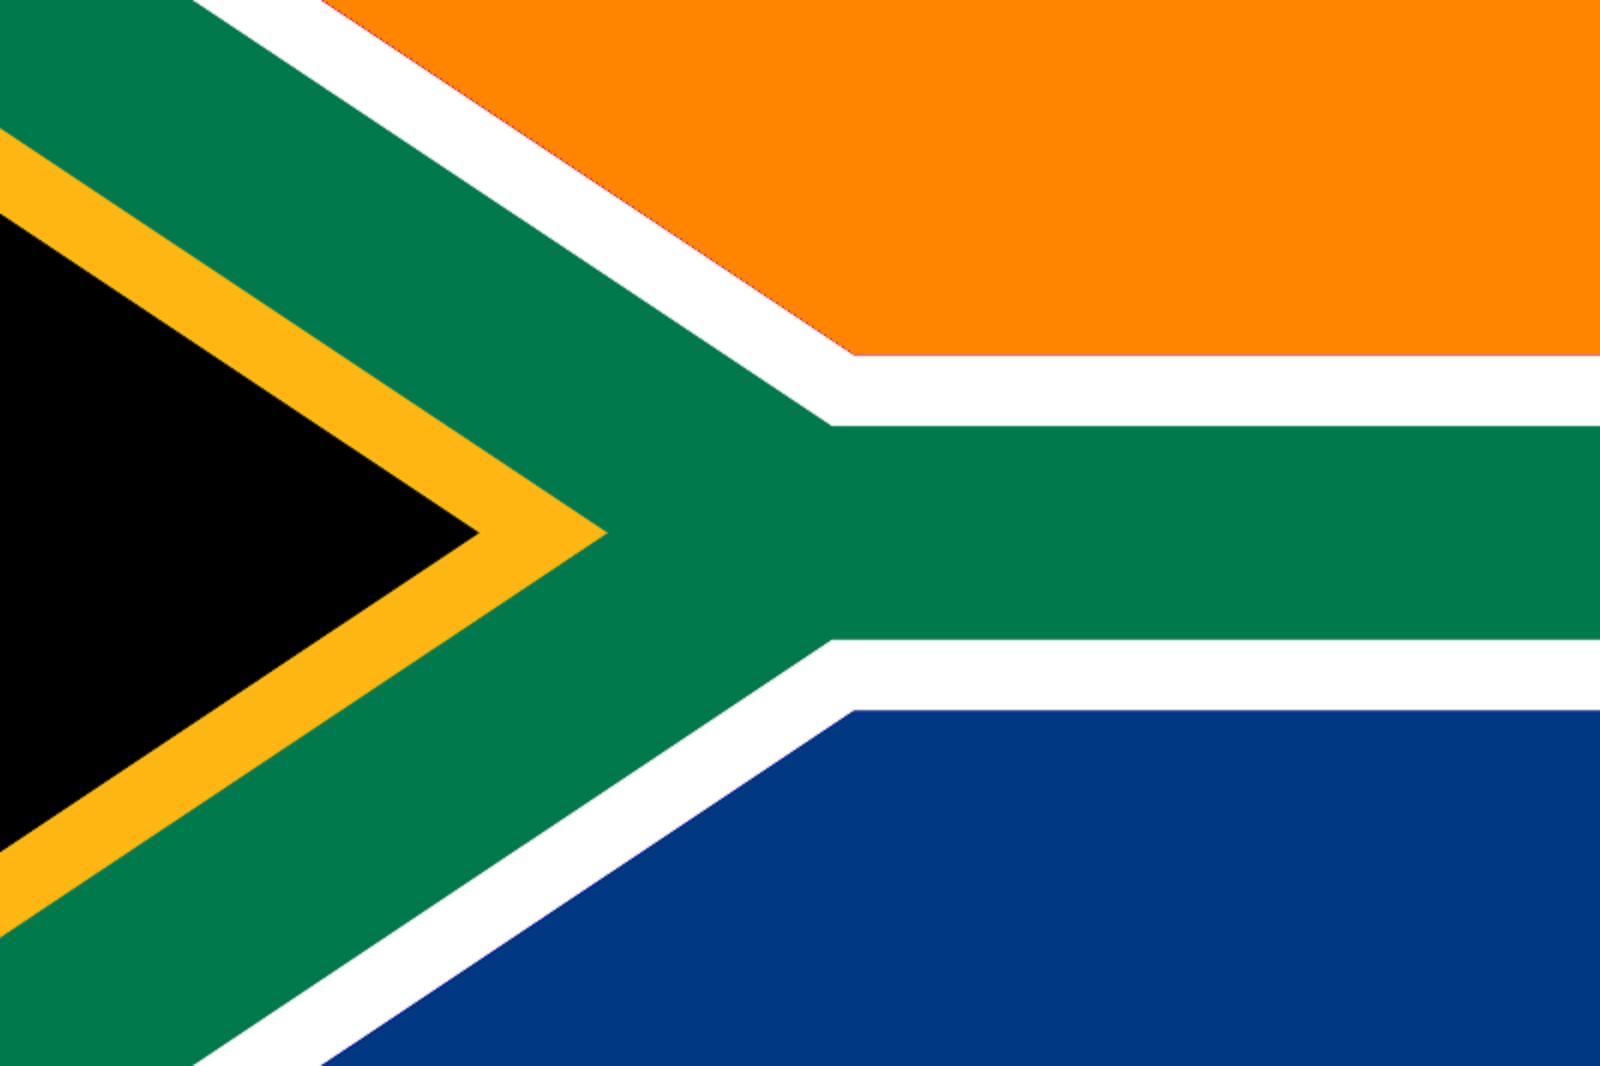 Bandera Sudáfrica (Uganda Judía).png